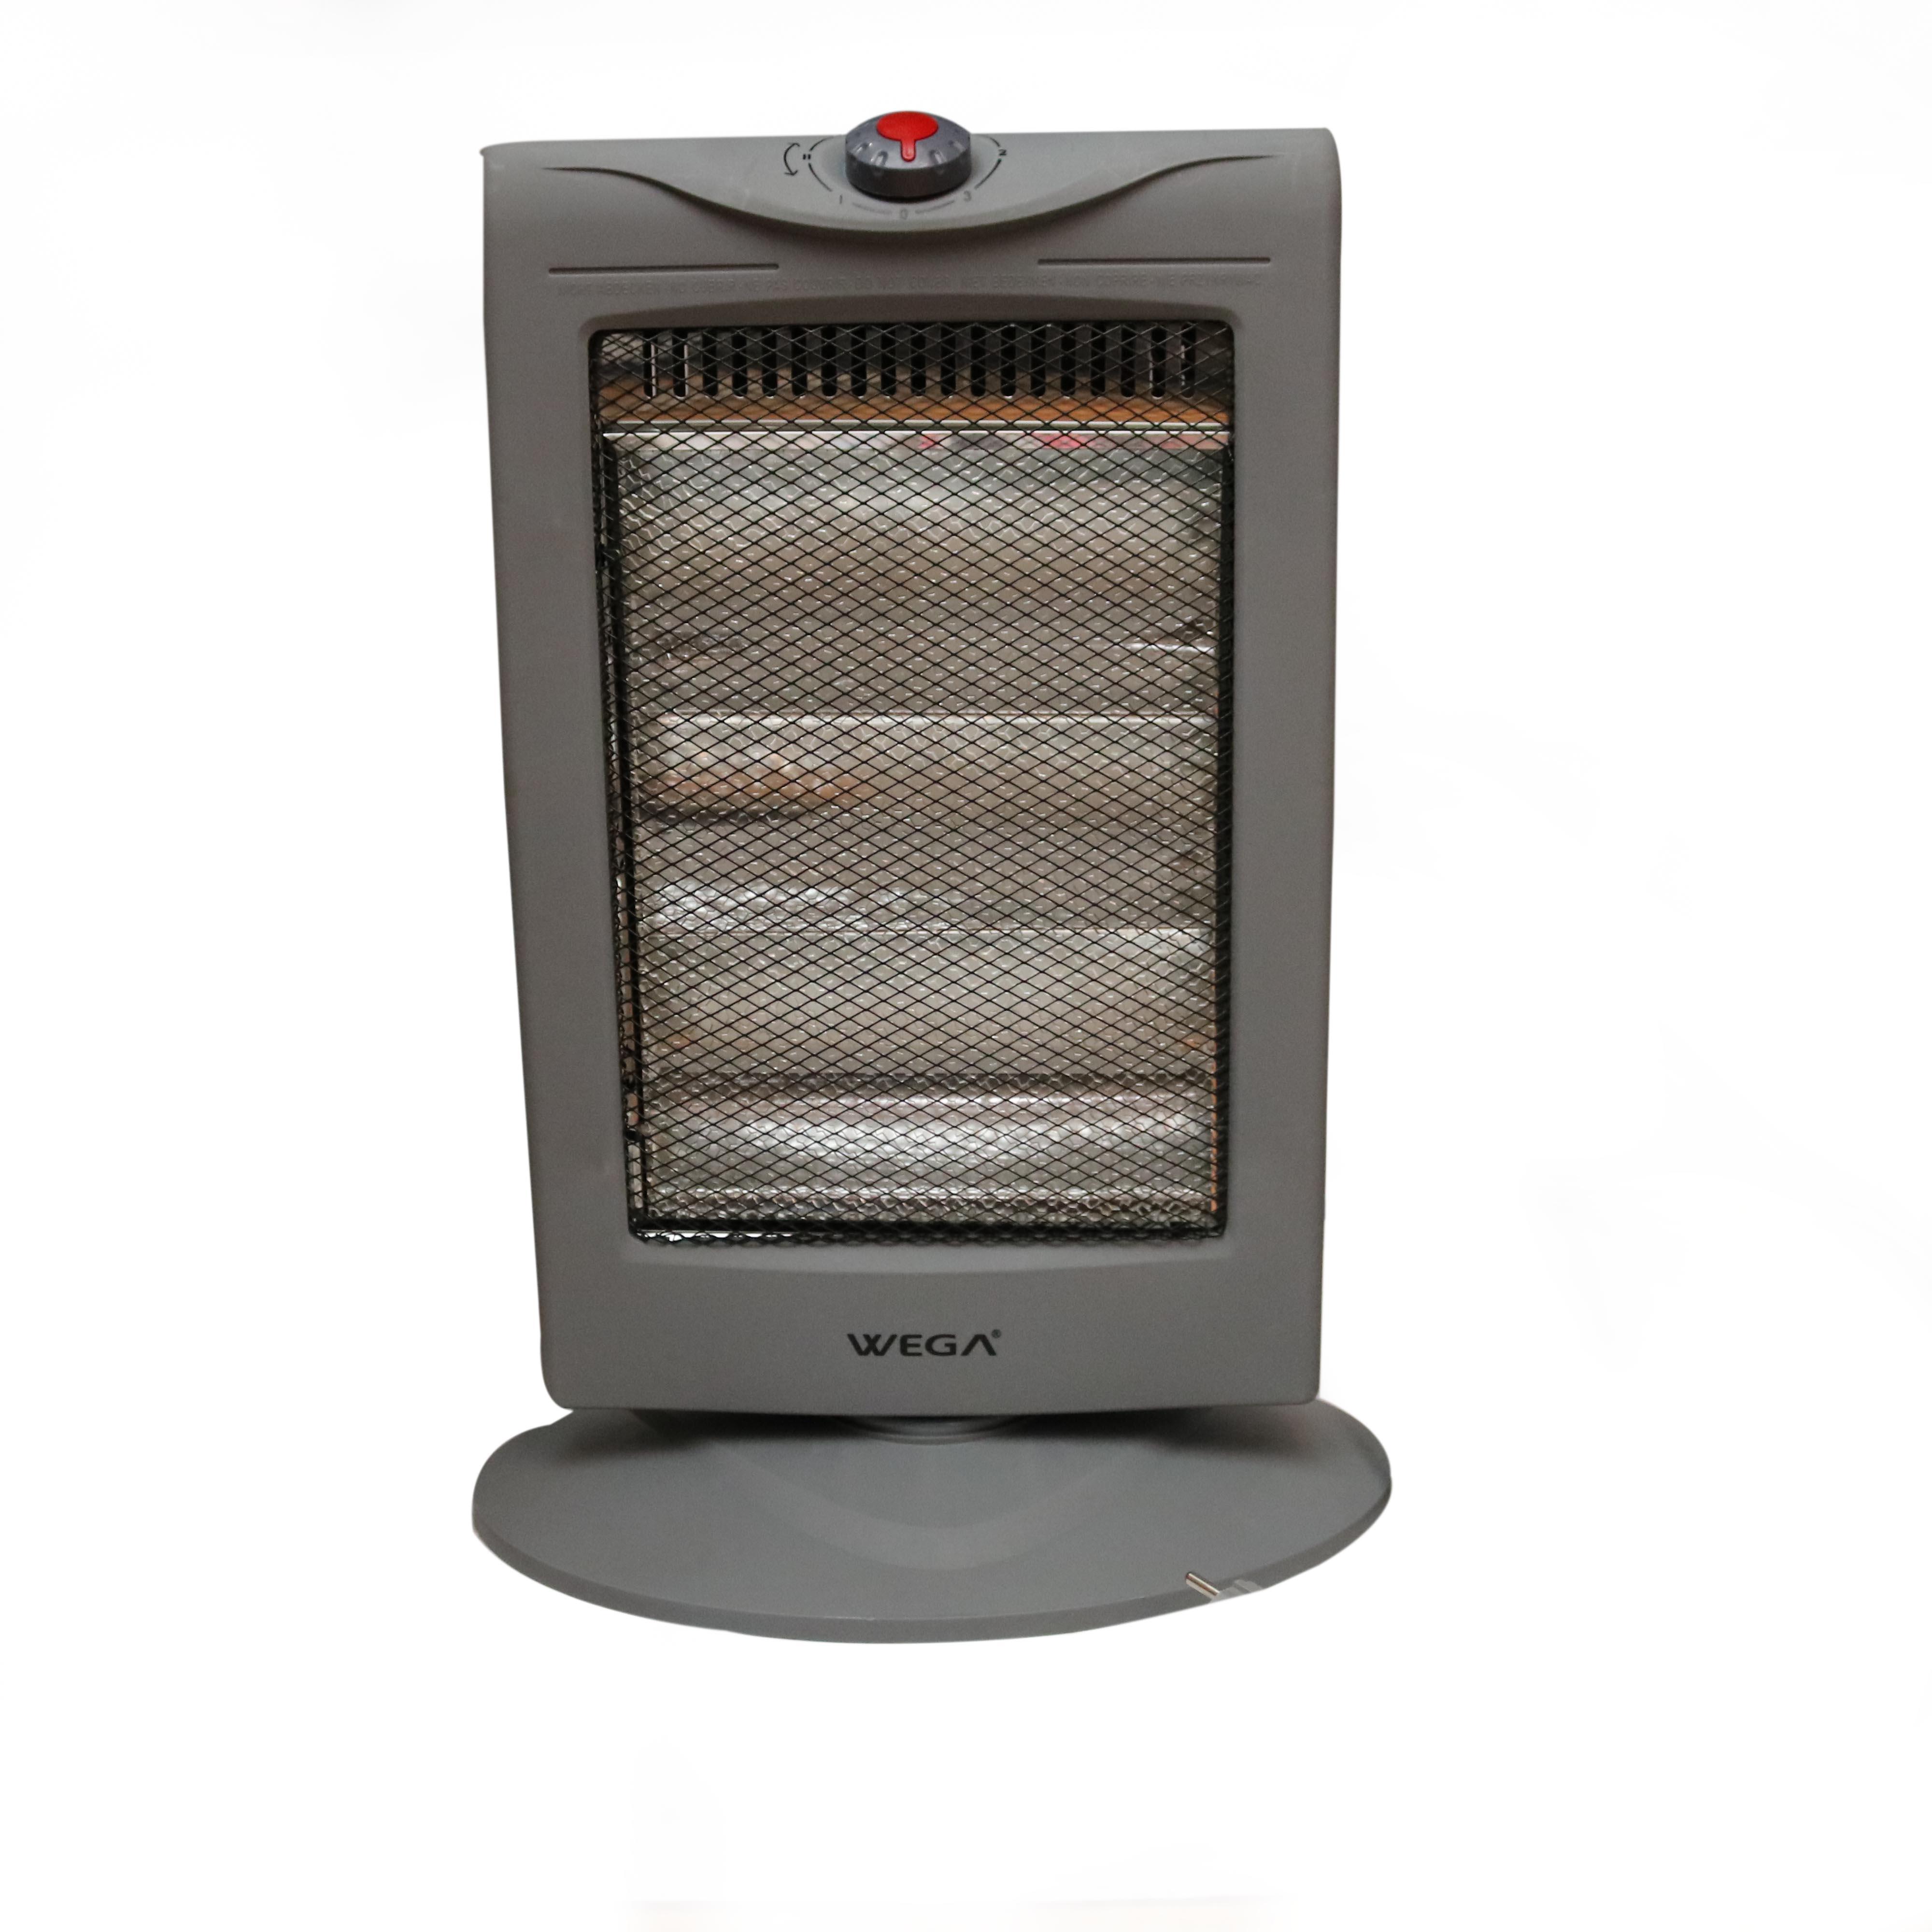 Wega Grey Halogen Heater